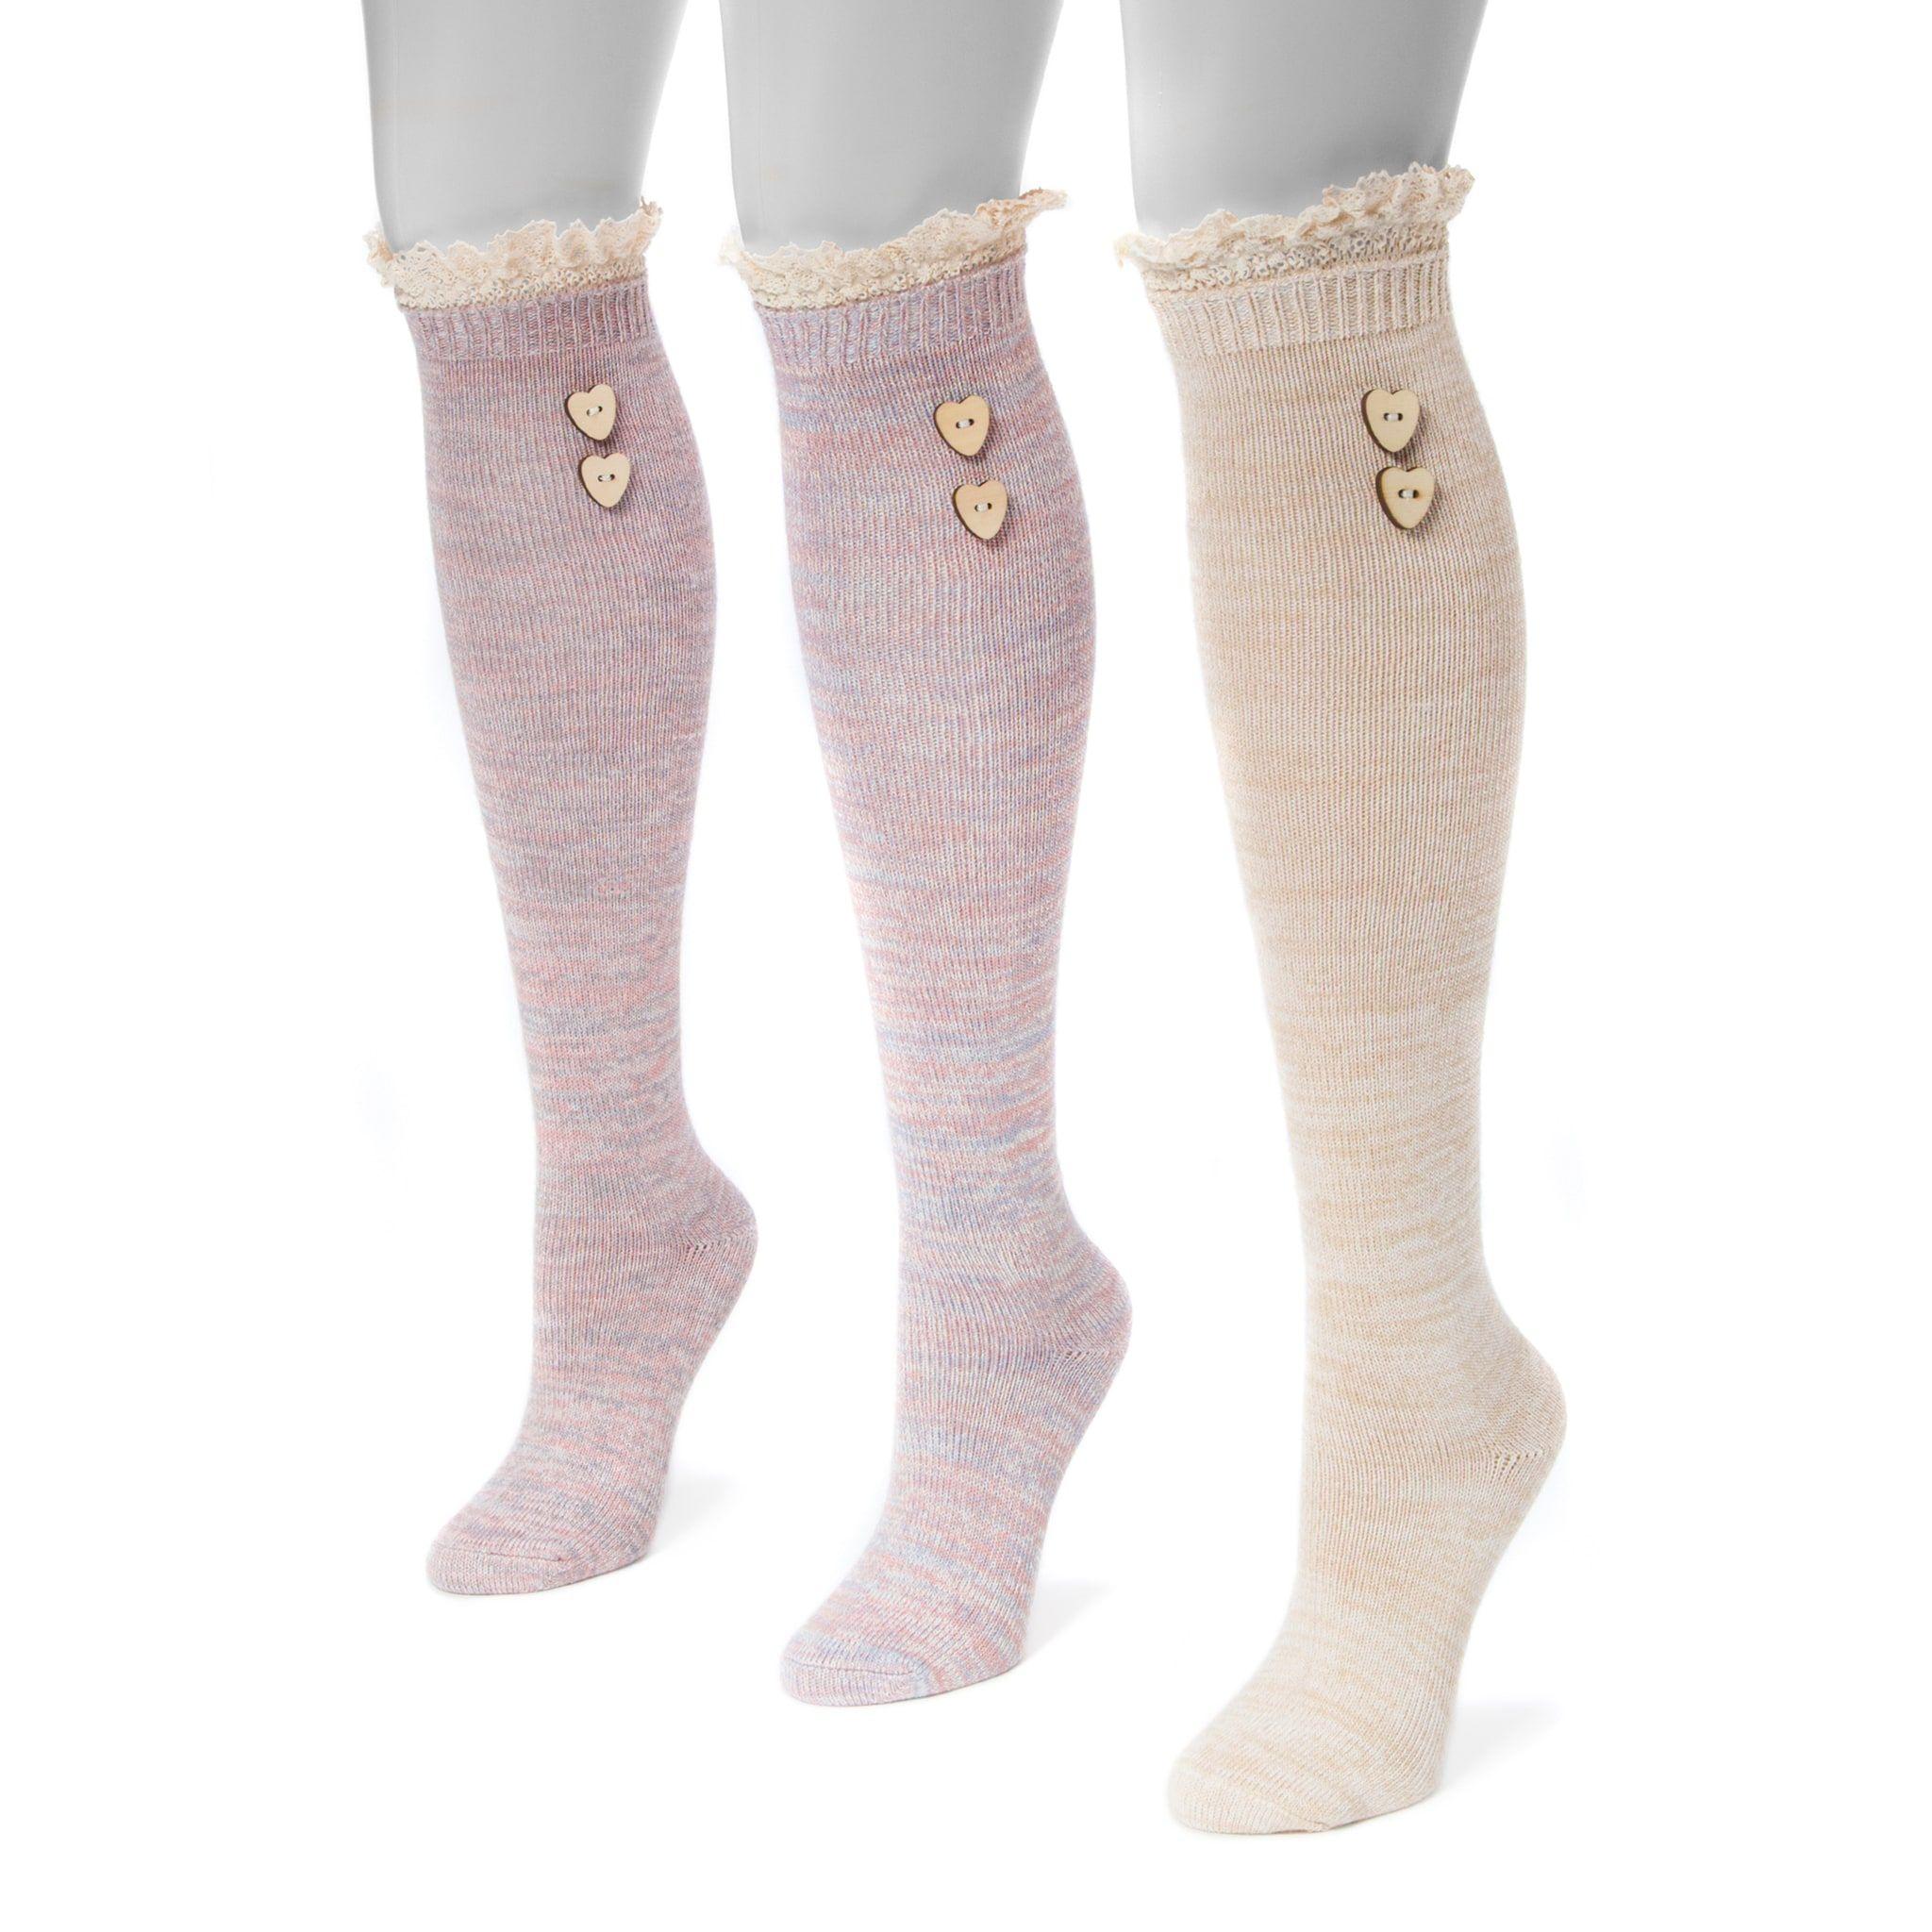 bd8f42430 Women s MUK LUKS 3-pk. Lace Heart Button Knee-High Socks in 2019 ...